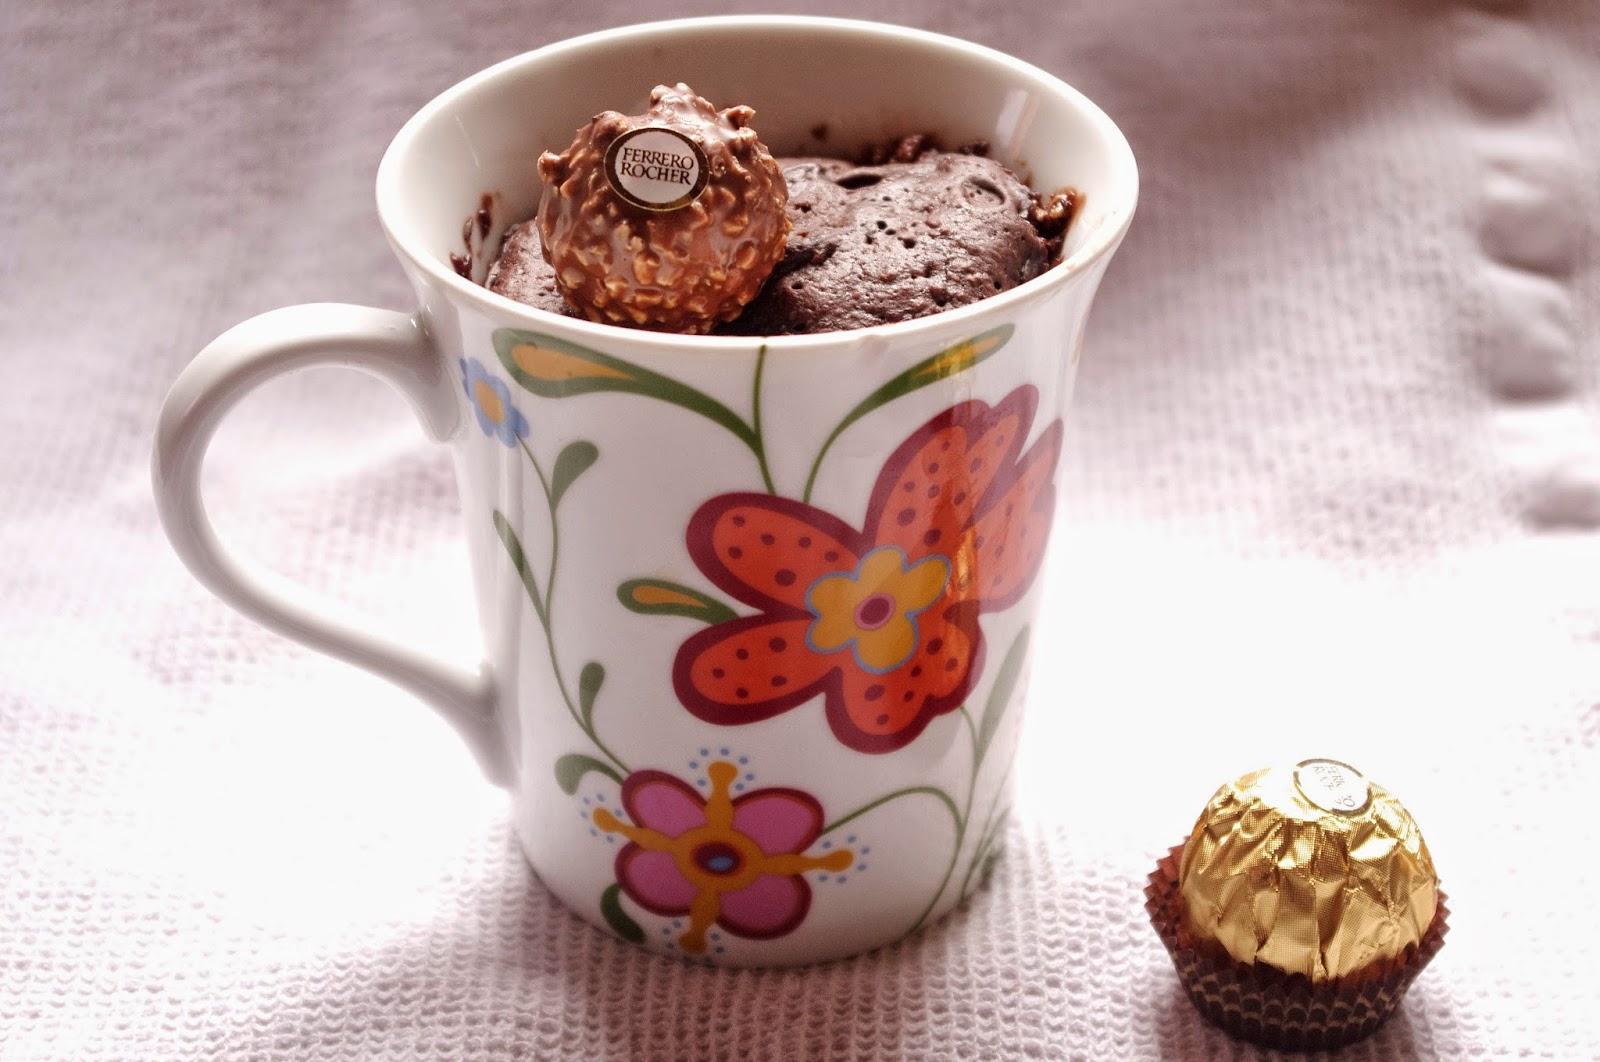 Mug Cake Au Ferrero Rocher Sans Oeufs Sans Beurre Et Sans Lactose